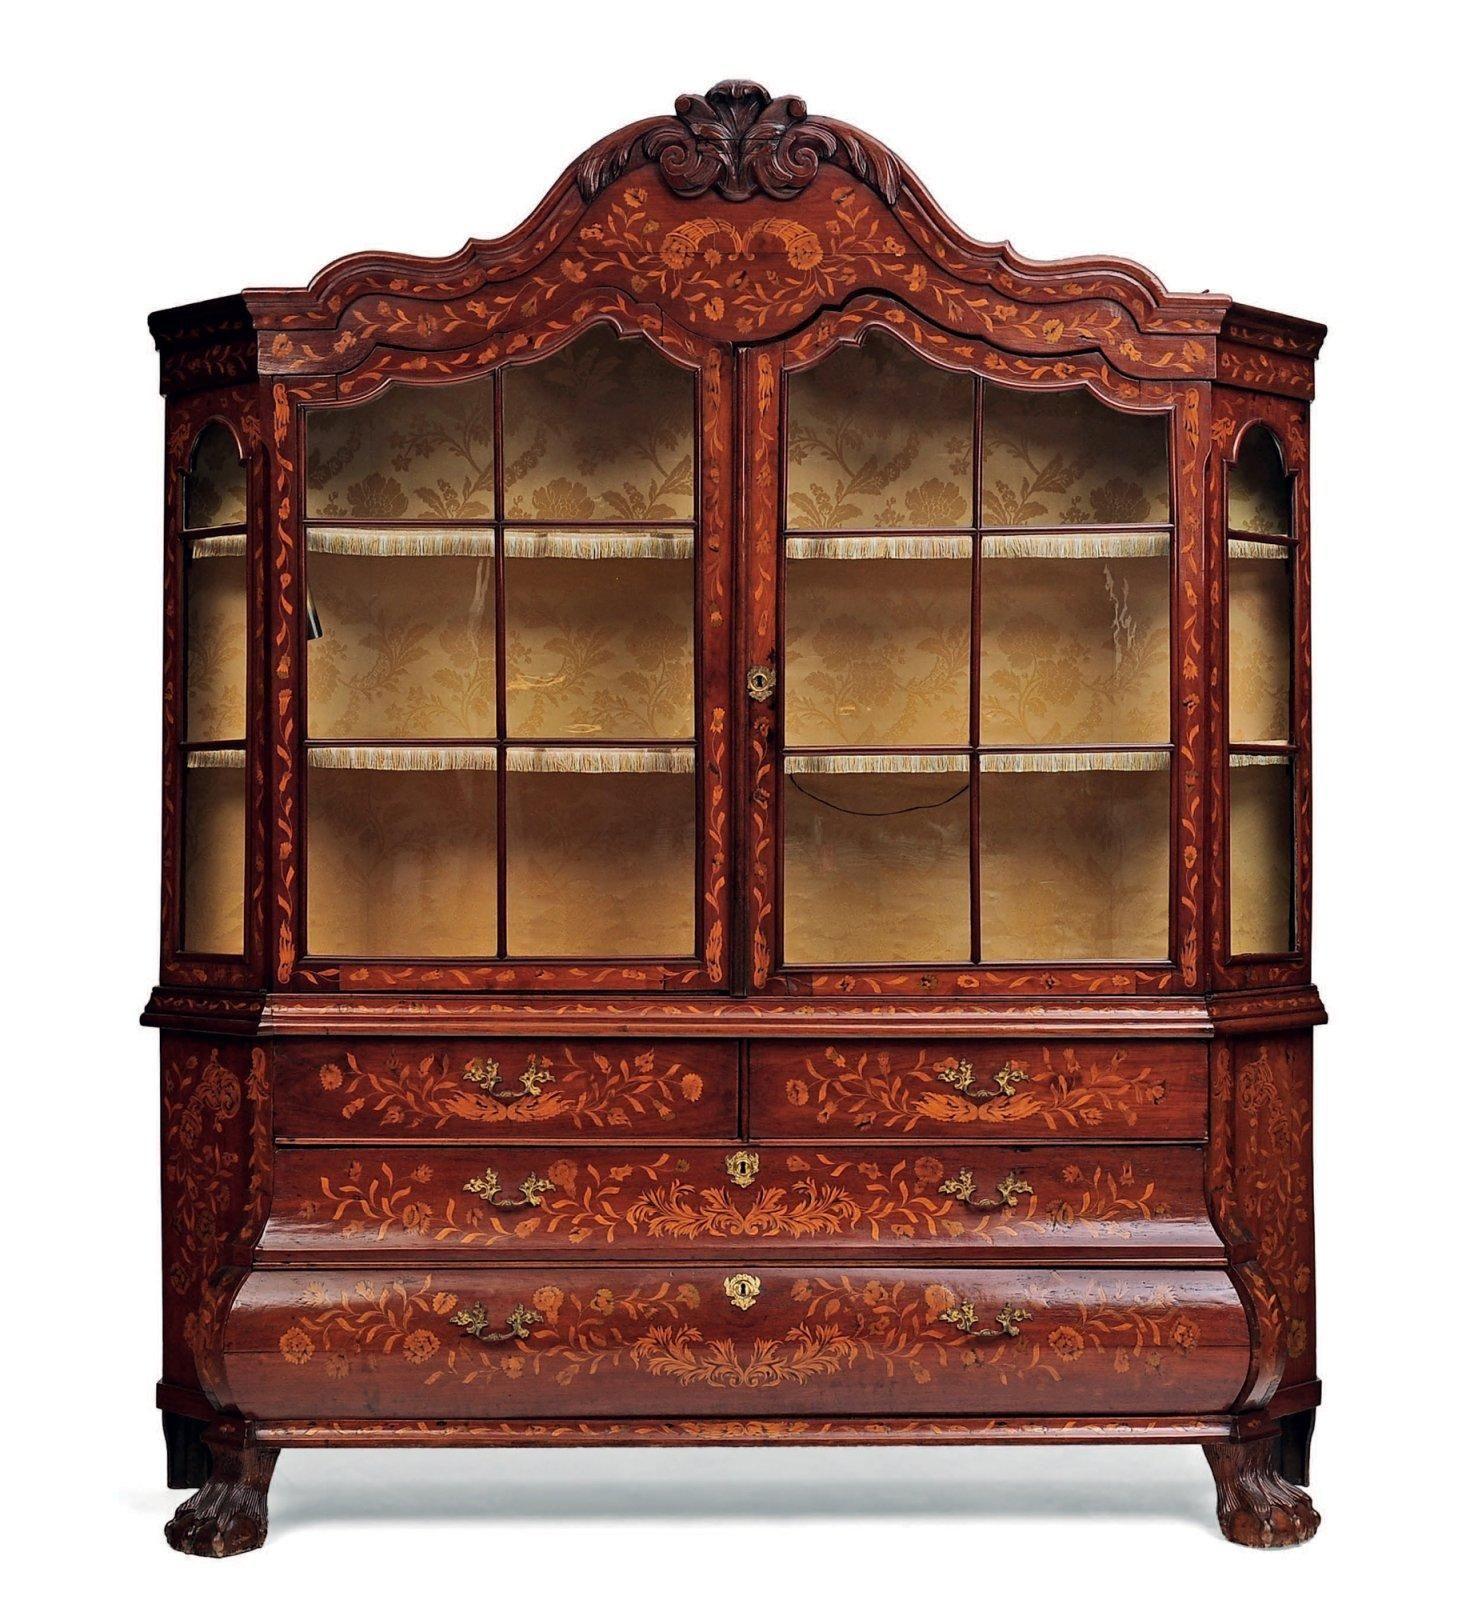 meuble vitrine en marqueterie de bois clair sur fond de ch ne la partie sup rieure enti rement. Black Bedroom Furniture Sets. Home Design Ideas